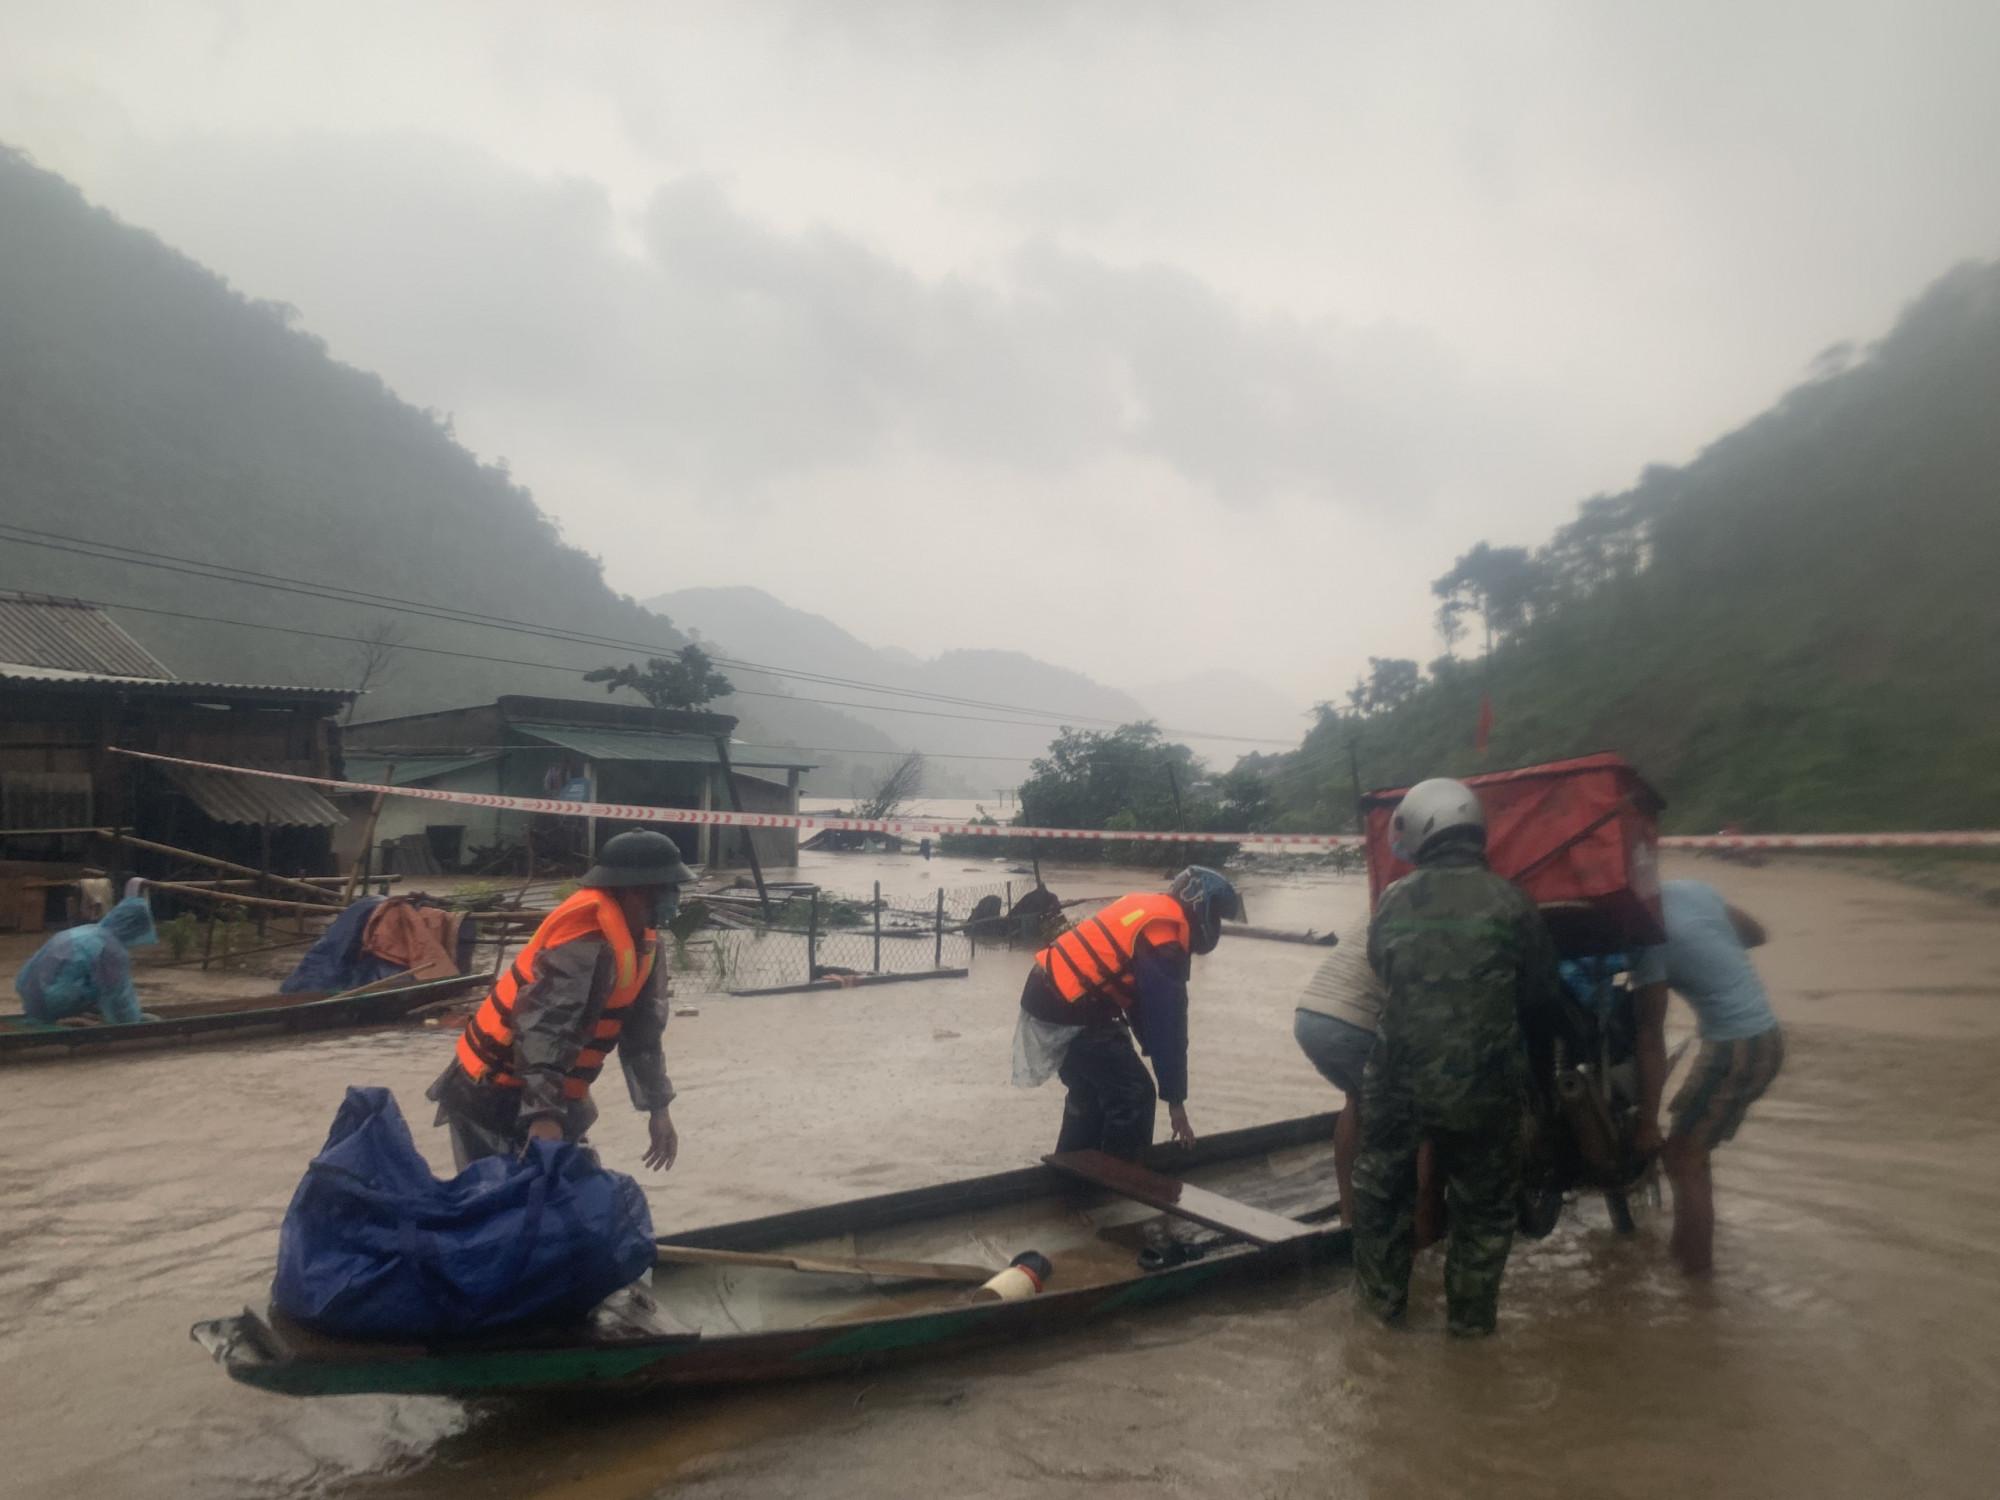 Đồn Biên phòng Ba Nang, BĐBP Quảng Trị đưa người dân thôn Trại Cá (xã Tà Long, huyện Đakrông) sinh sống dọc theo tuyến Đường 14 di dời đến nơi an toàn